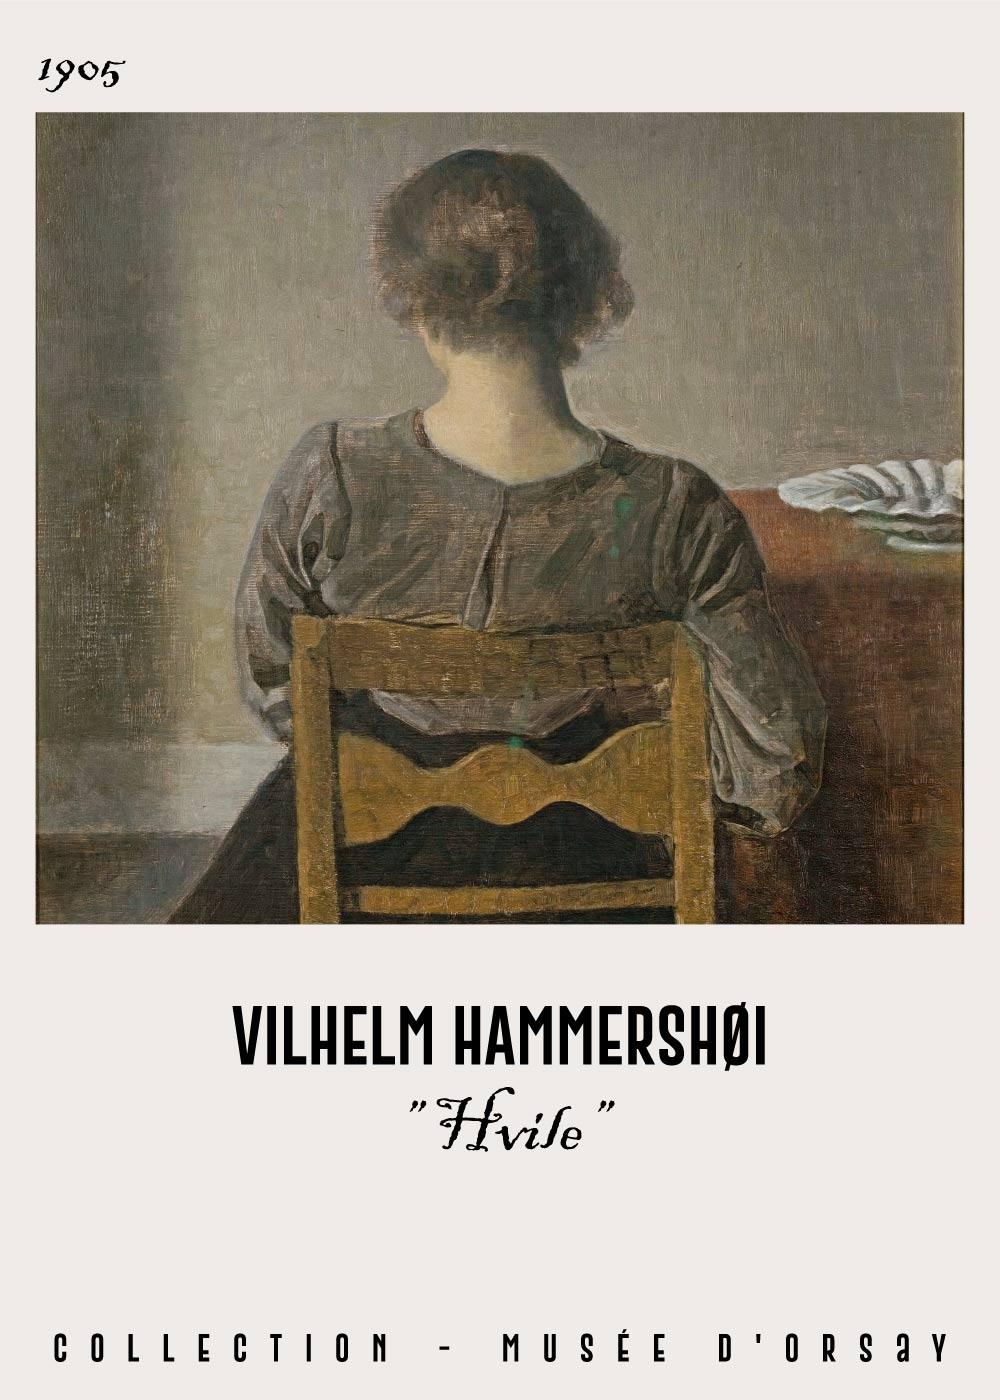 Billede af Hvile - Vilhelm Hammershøi Kunstplakat